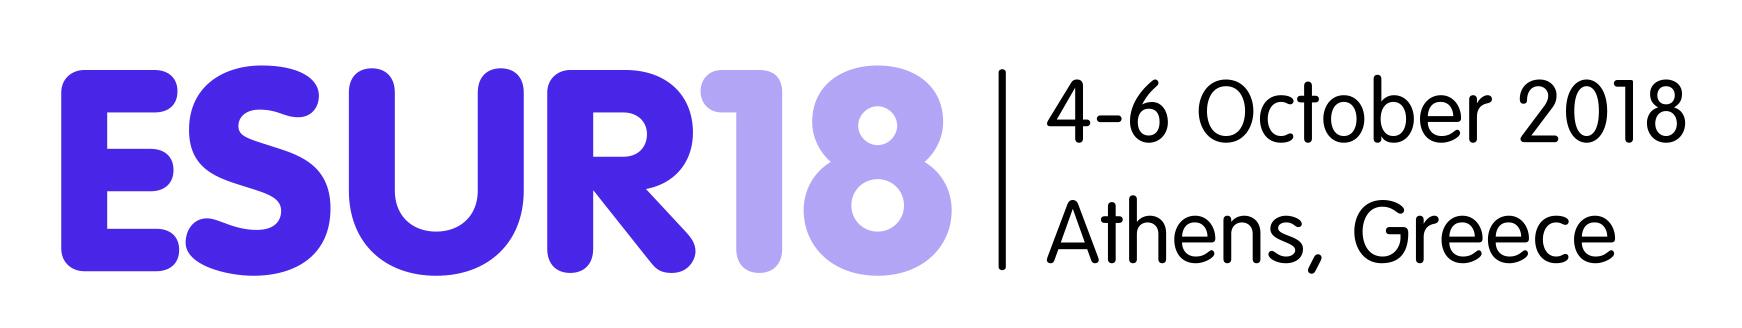 ESUR18